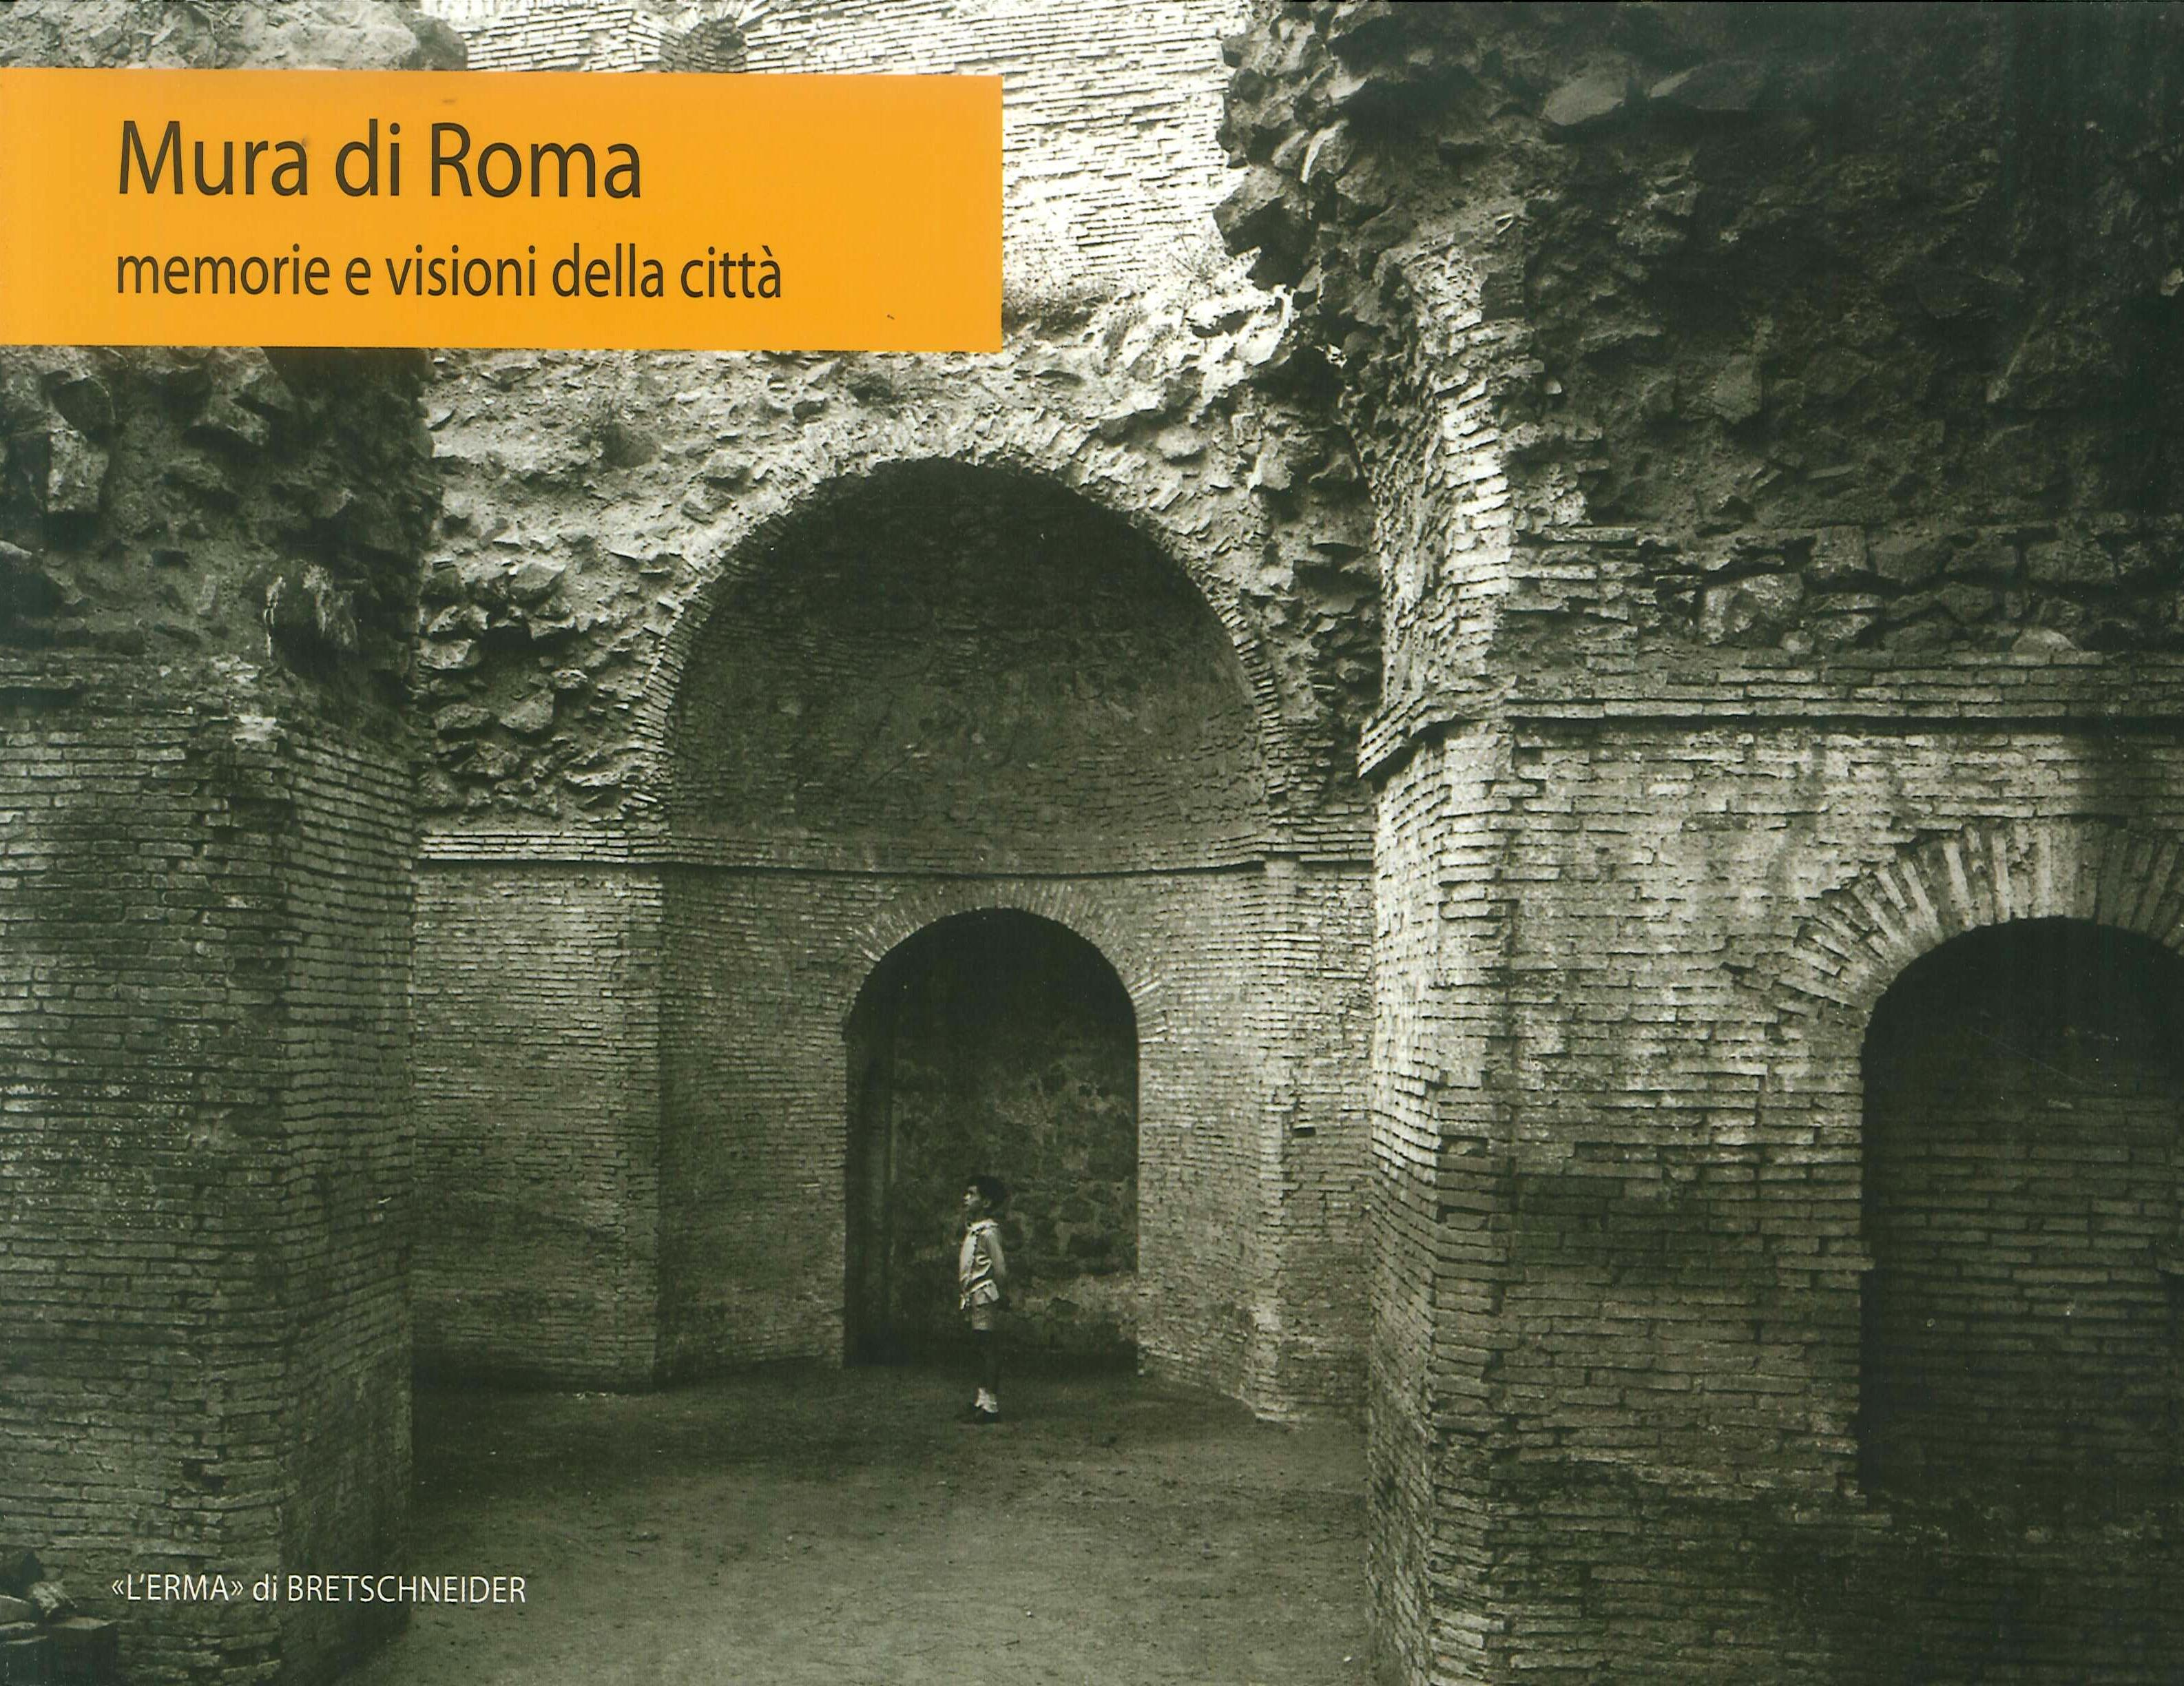 Mura di Roma. Memorie e visioni della città